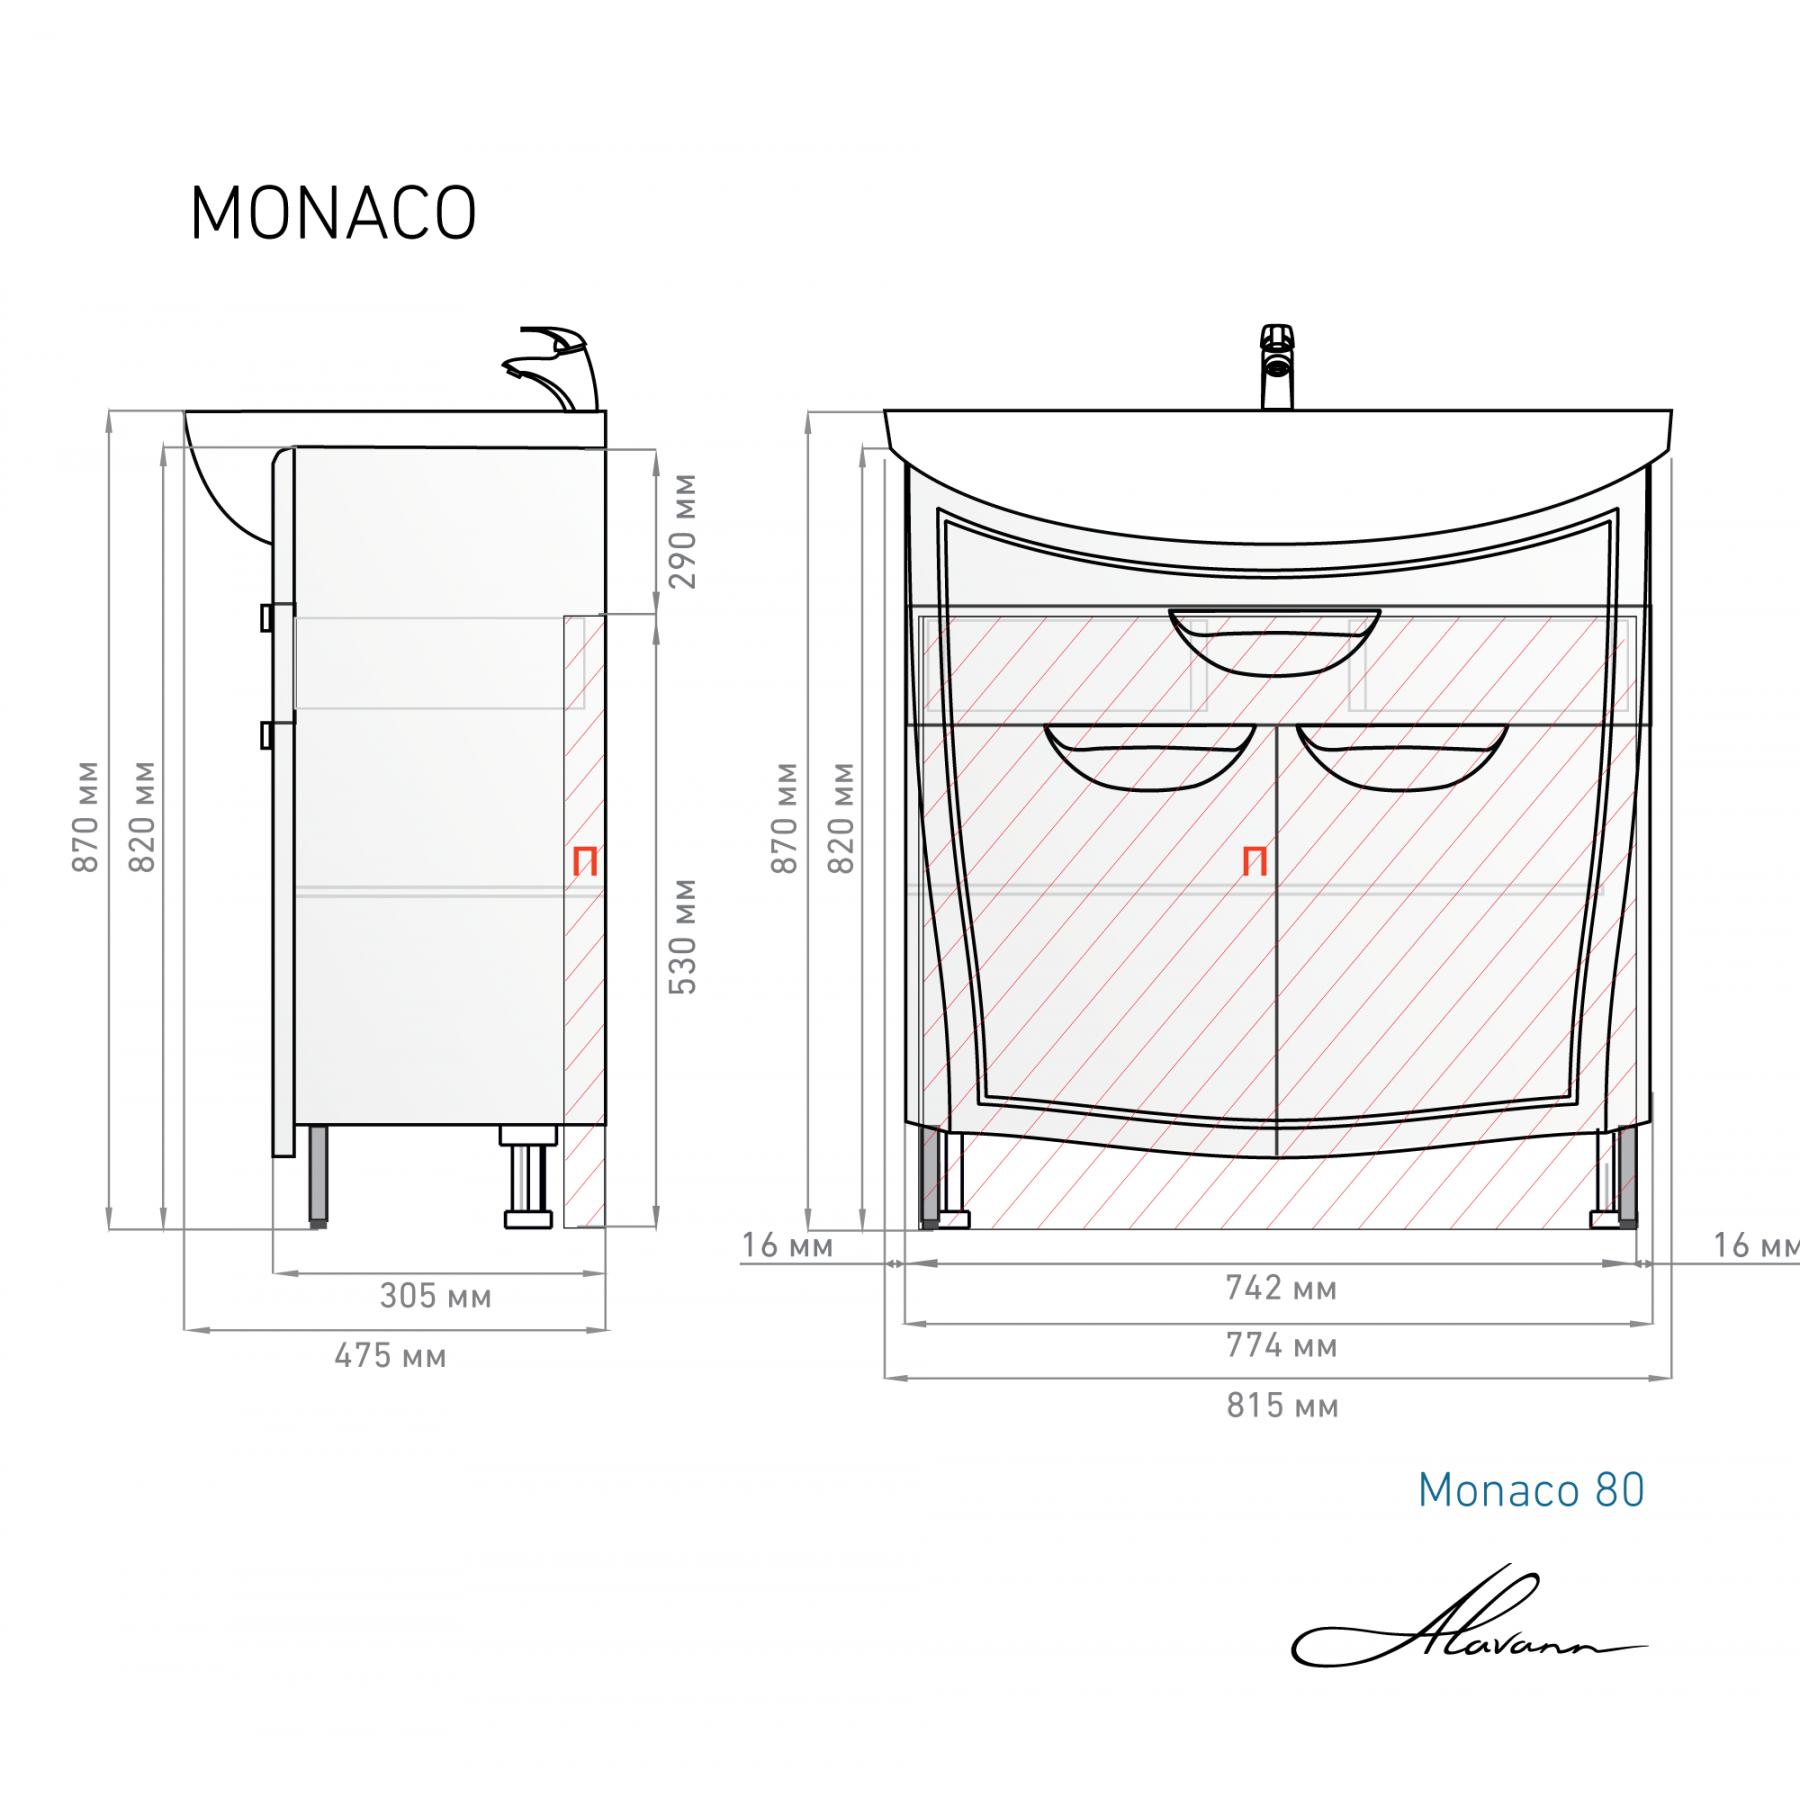 Тумба с раковиной 80 Monaco